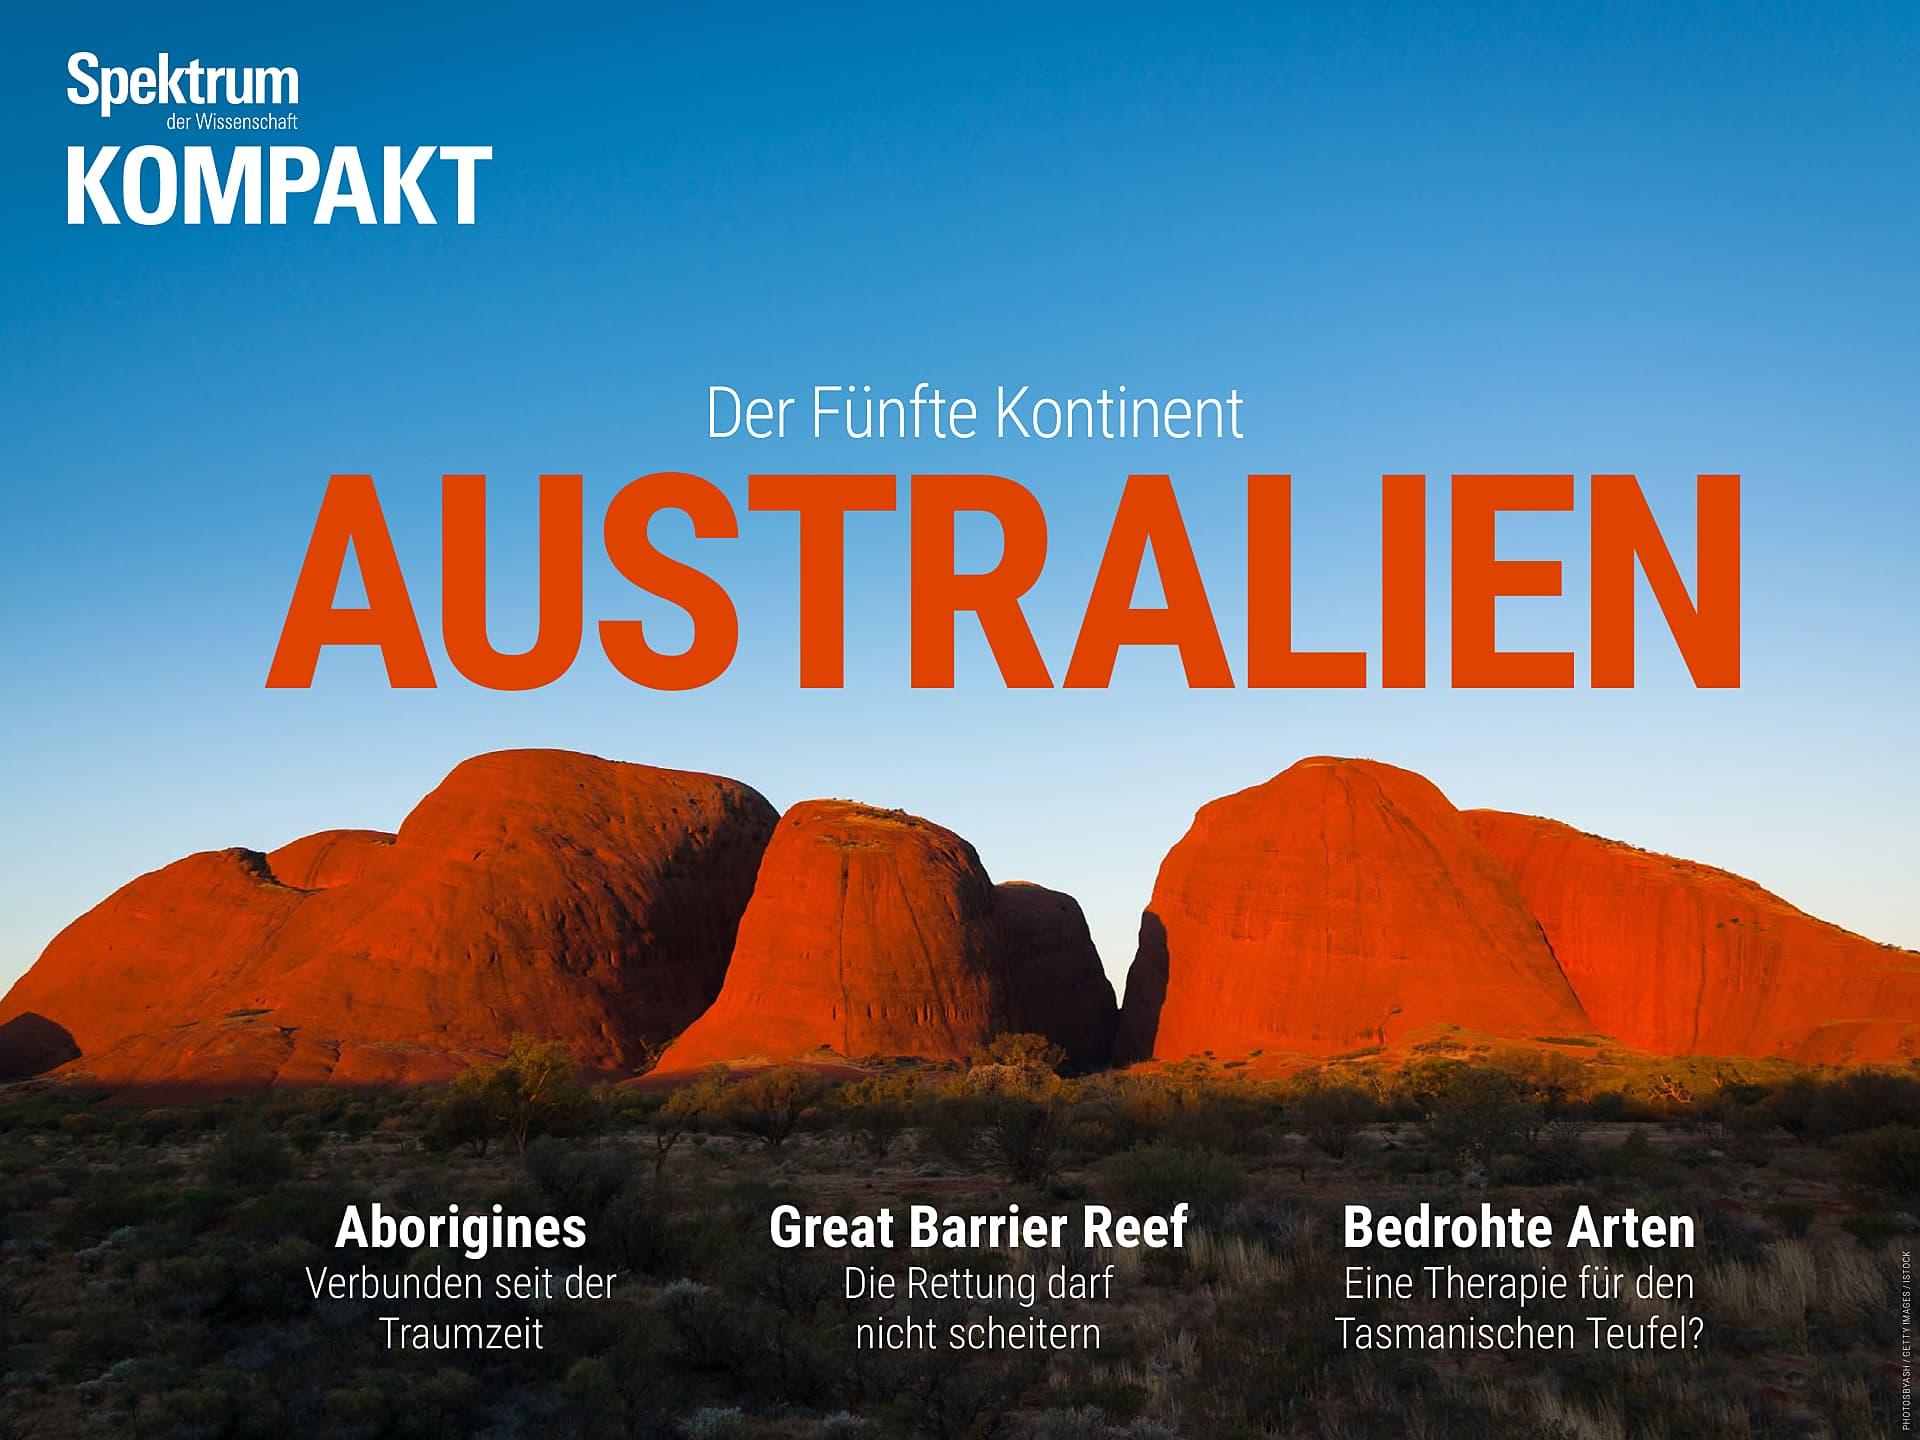 Australien - Der Fünfte Kontinent